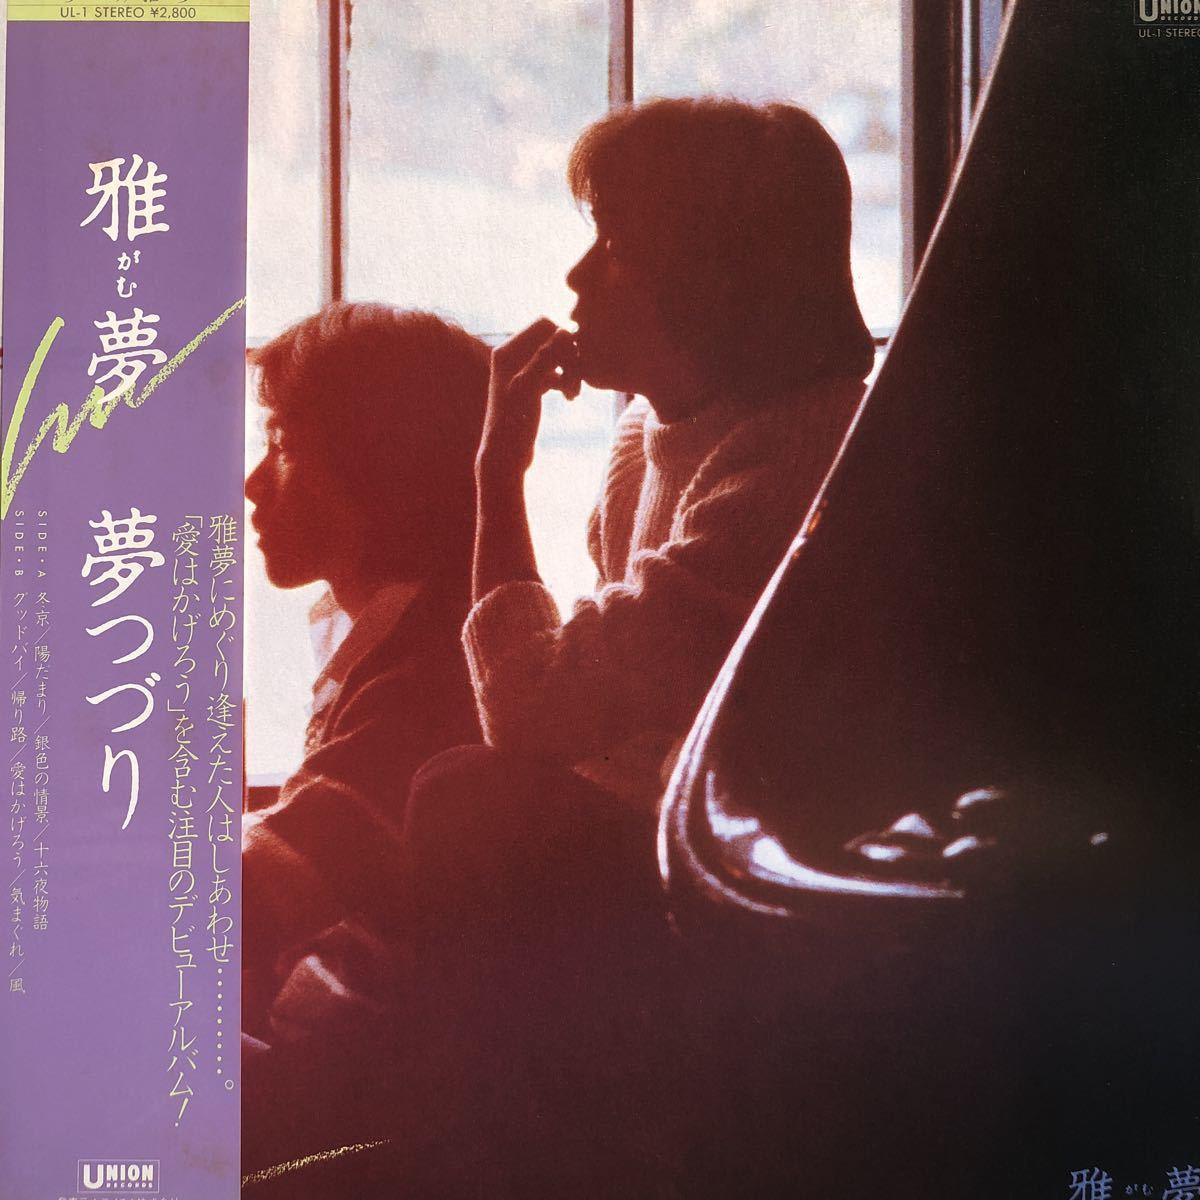 帯付LP 雅夢 夢つづり レコード 5点以上落札で送料無料